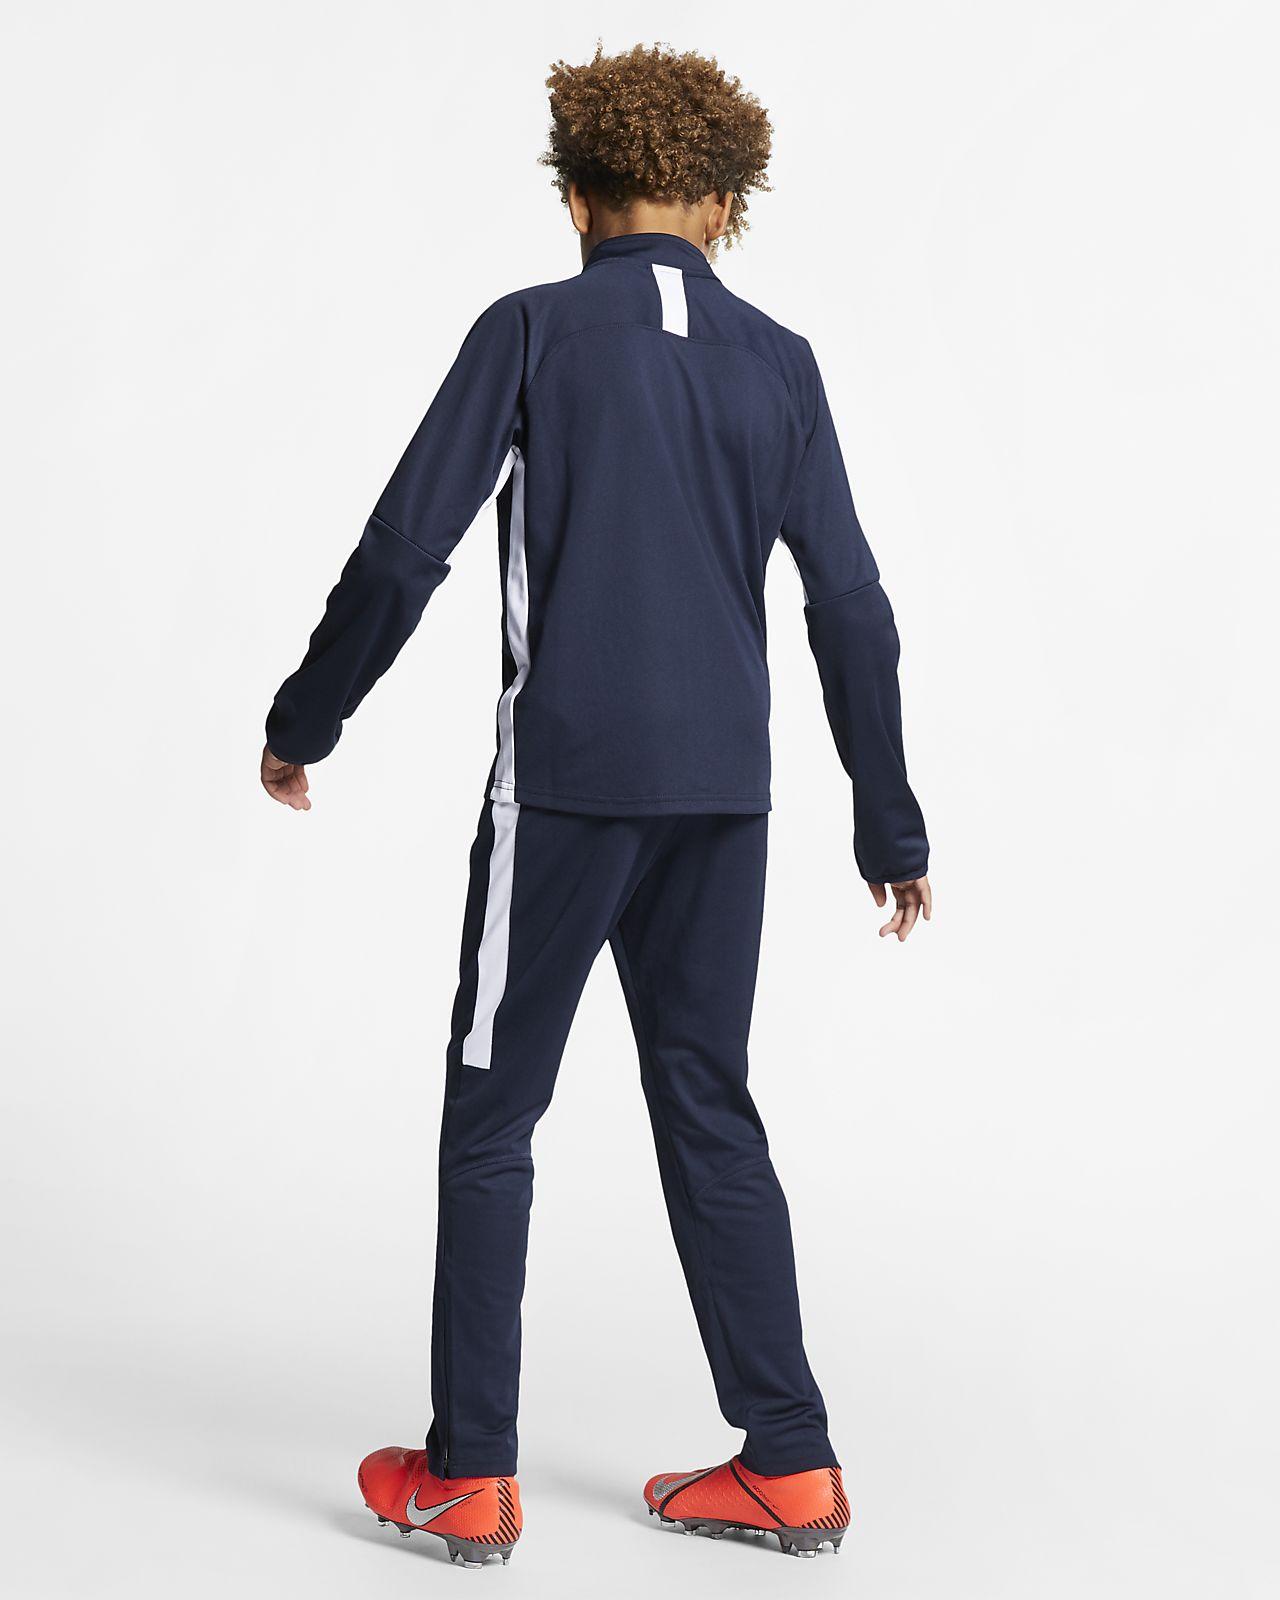 bien barato nuevo estilo el precio más bajo Nike Dri-FIT Academy Chándal de fútbol - Niño/a